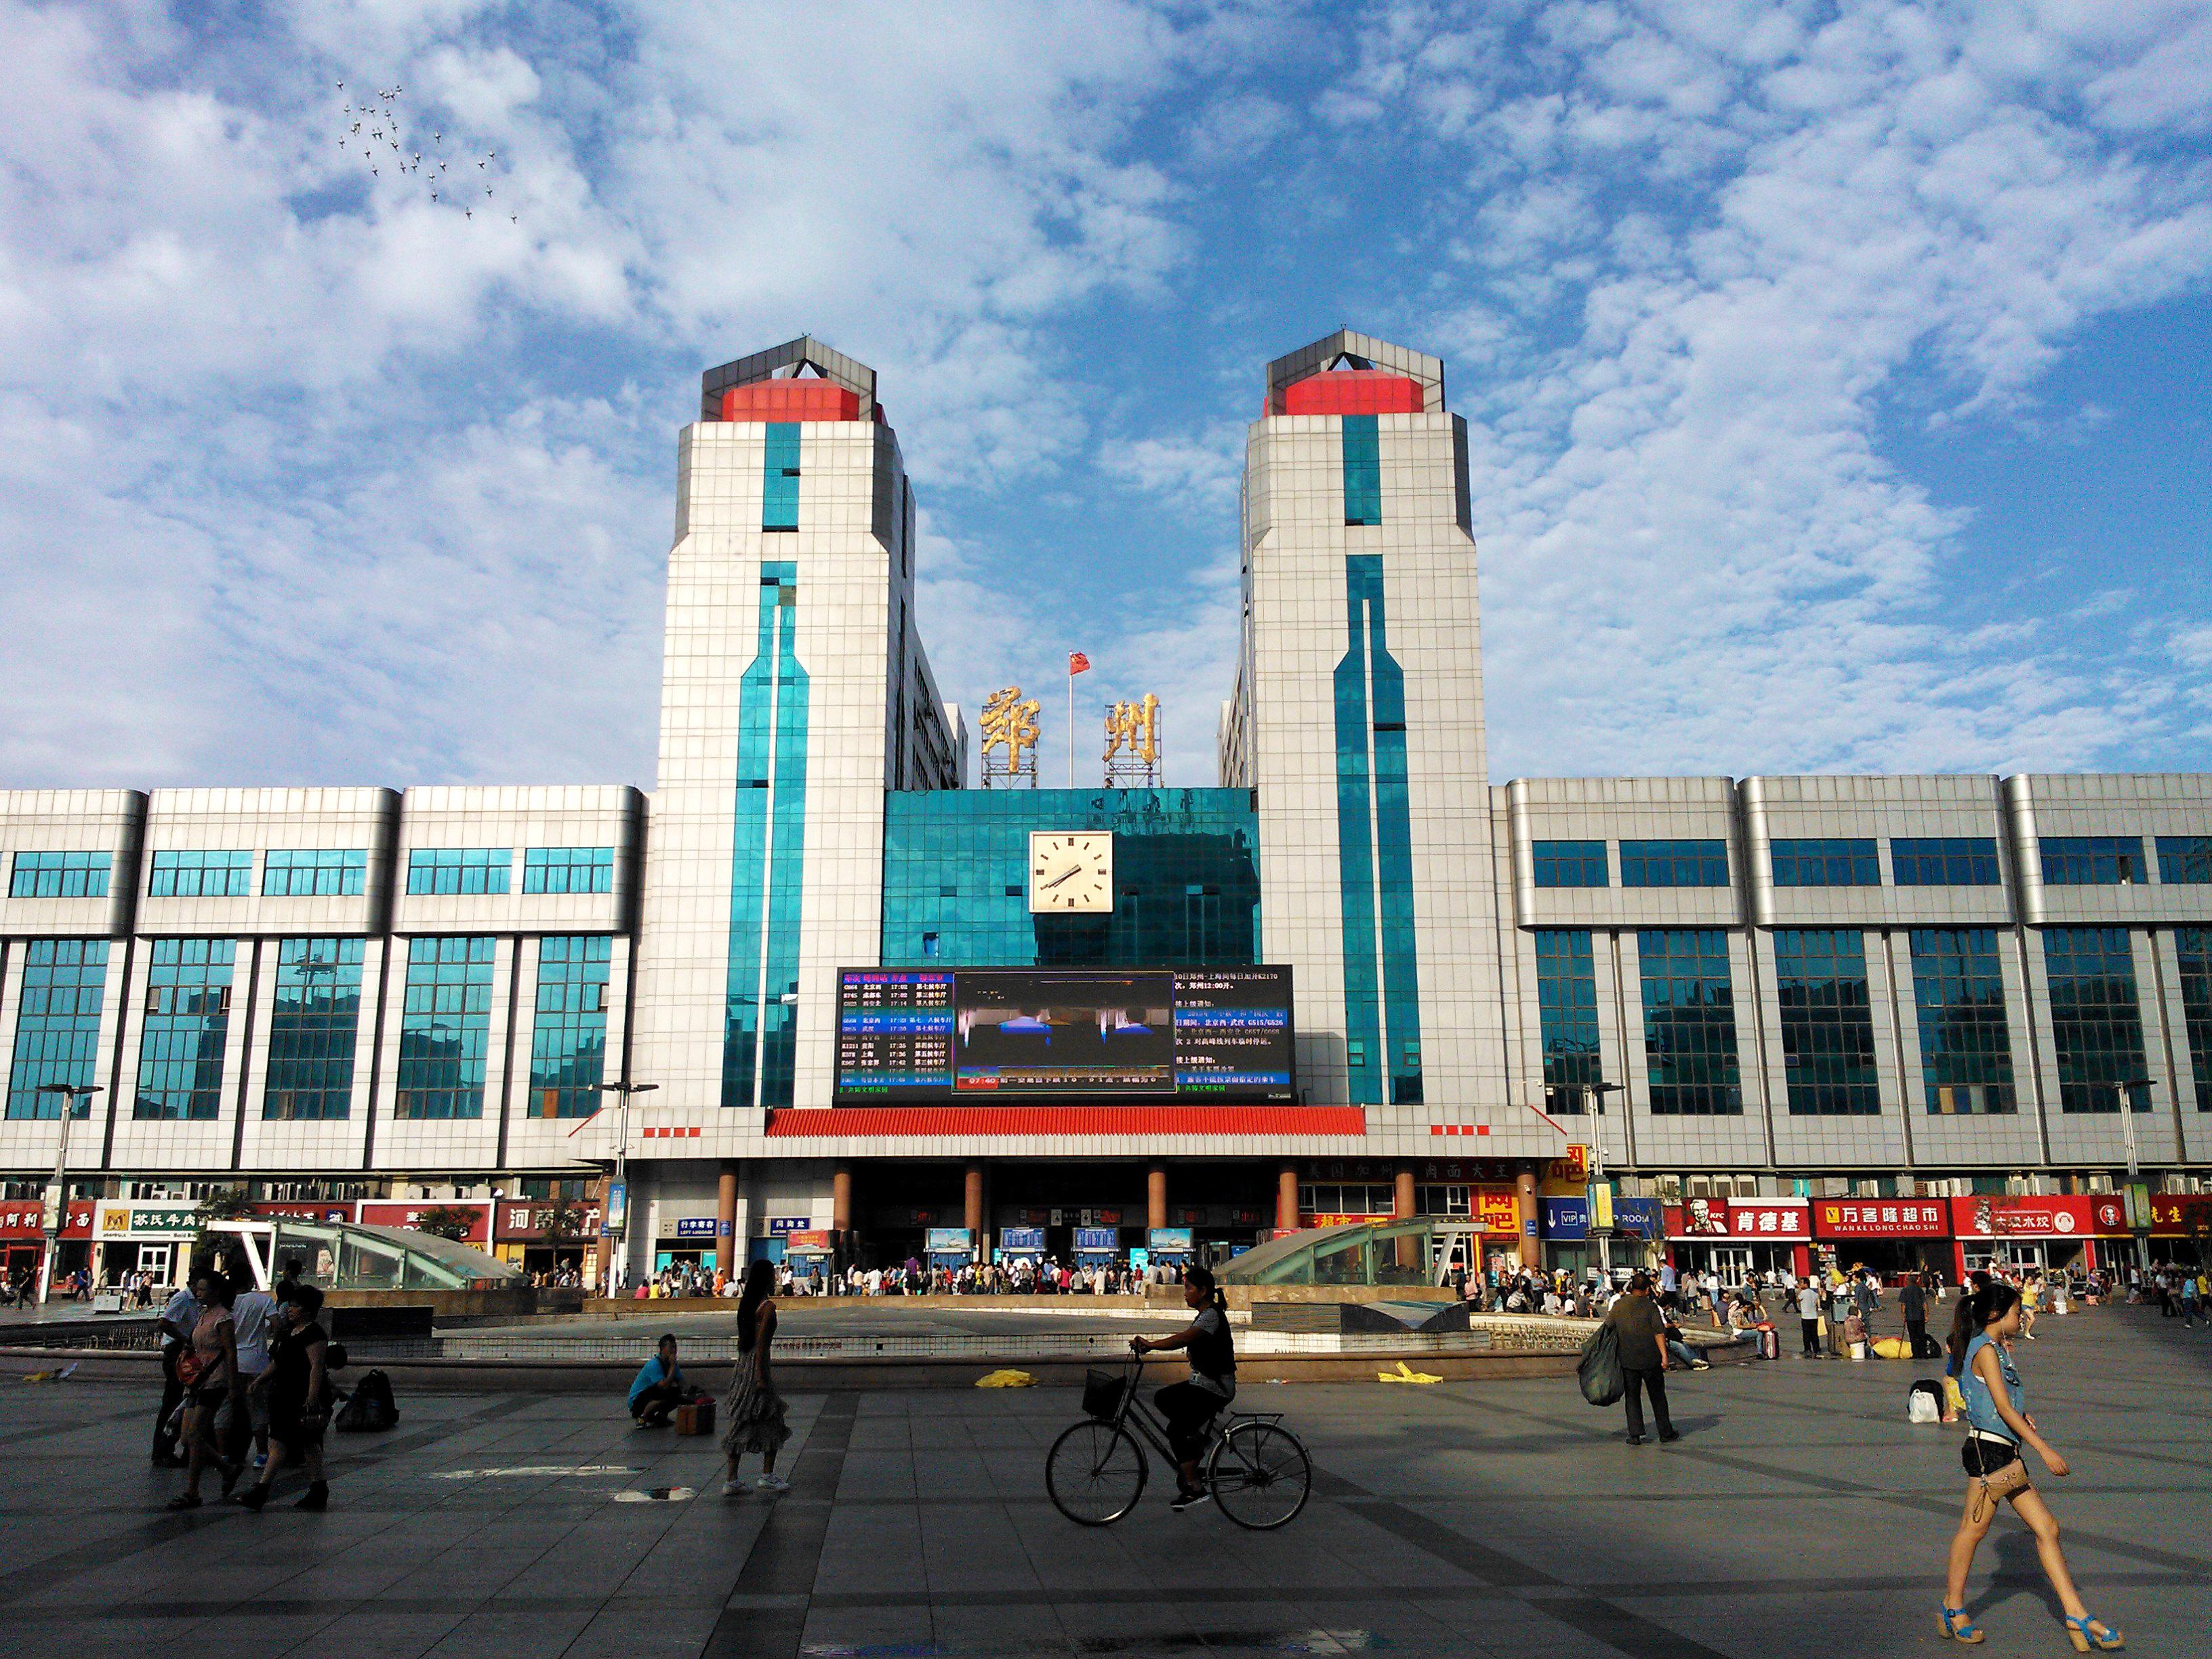 郑州客运总站_郑州火车站西广场到郑州长途汽车新北站怎么走-